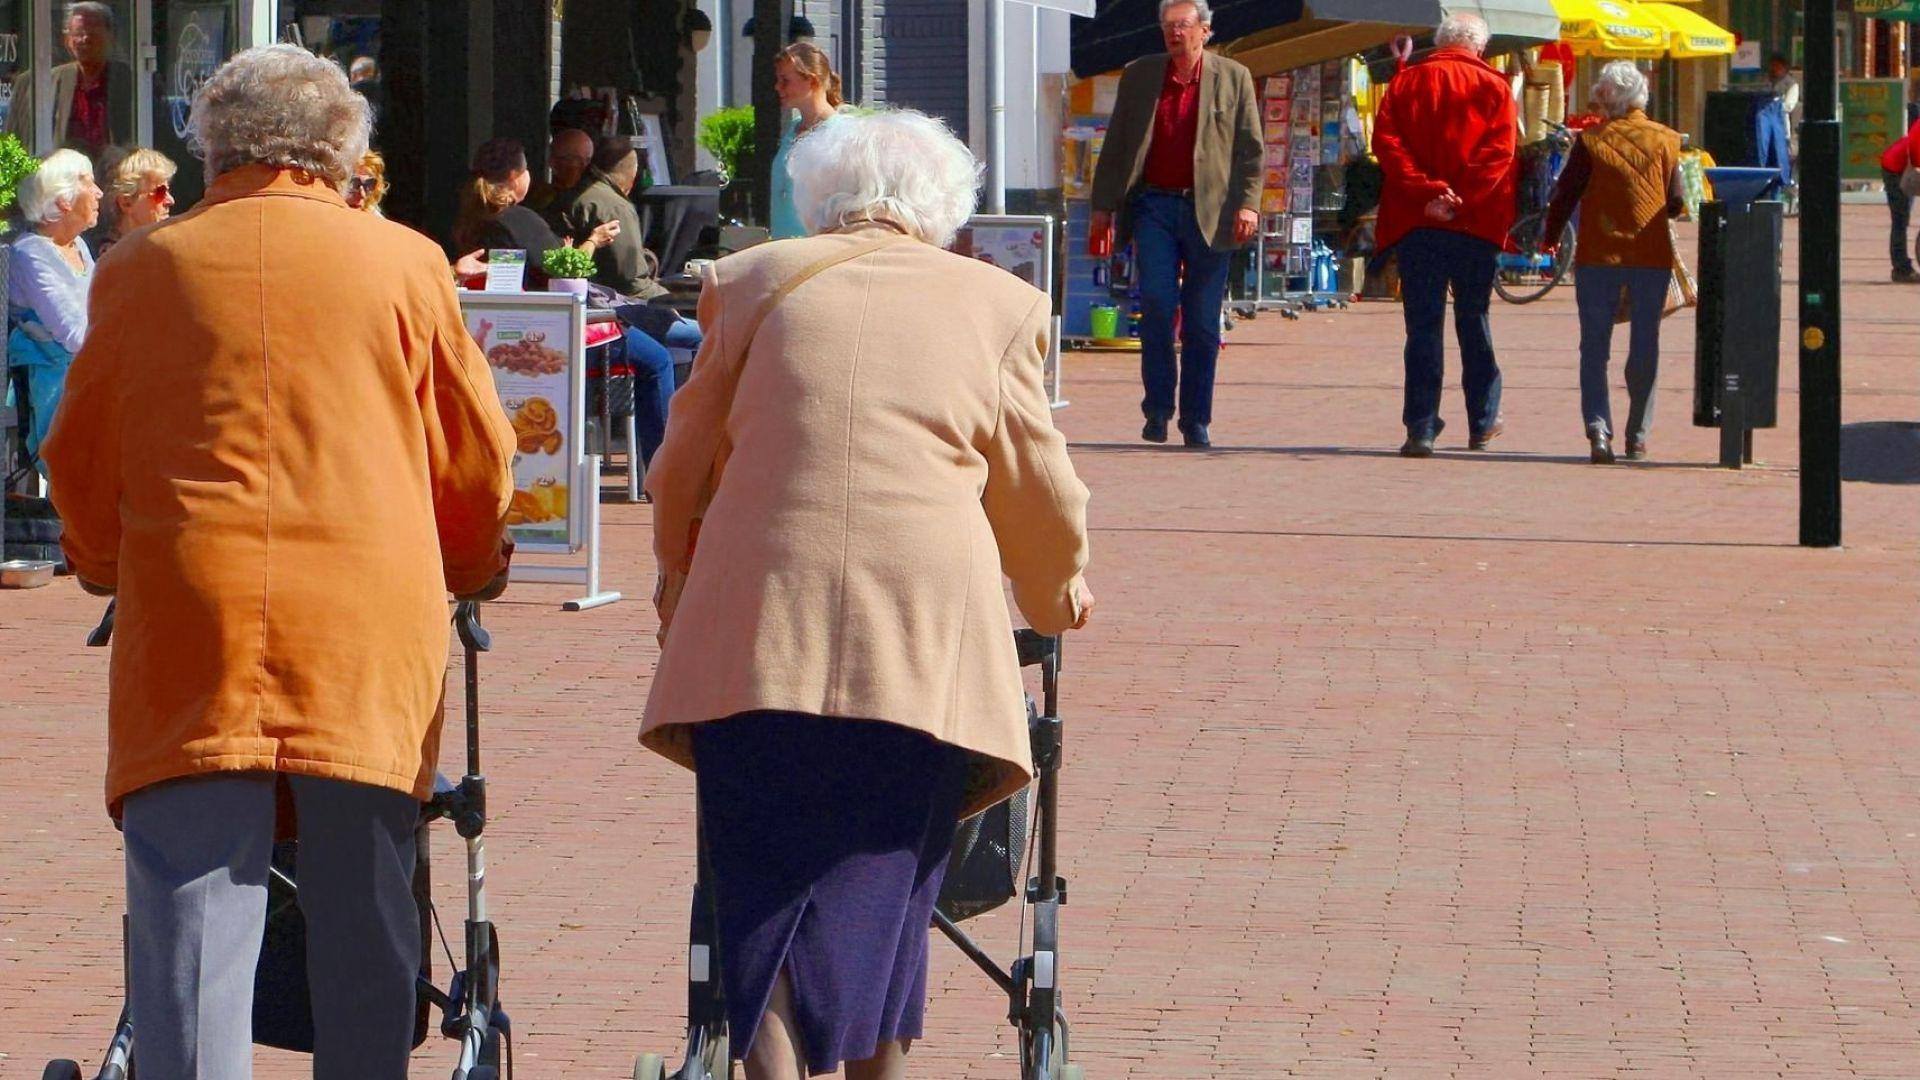 Официална статистика: България се топи до 4.8 милиона през 2080 г.